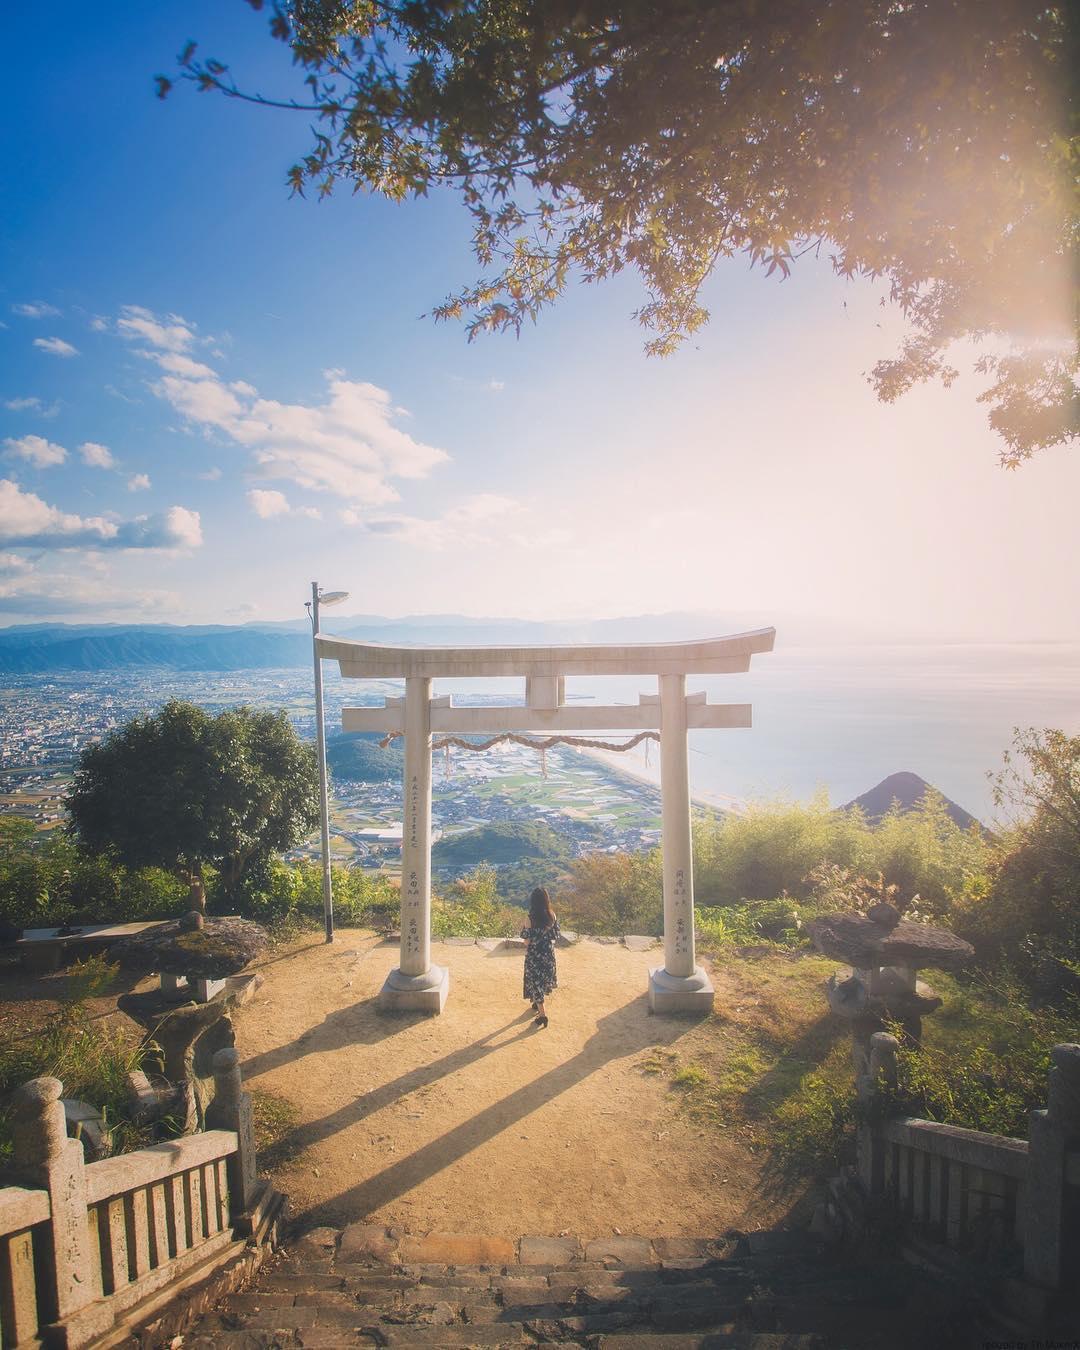 Красота японских городов и природы в фотографиях Такахиро Хосое